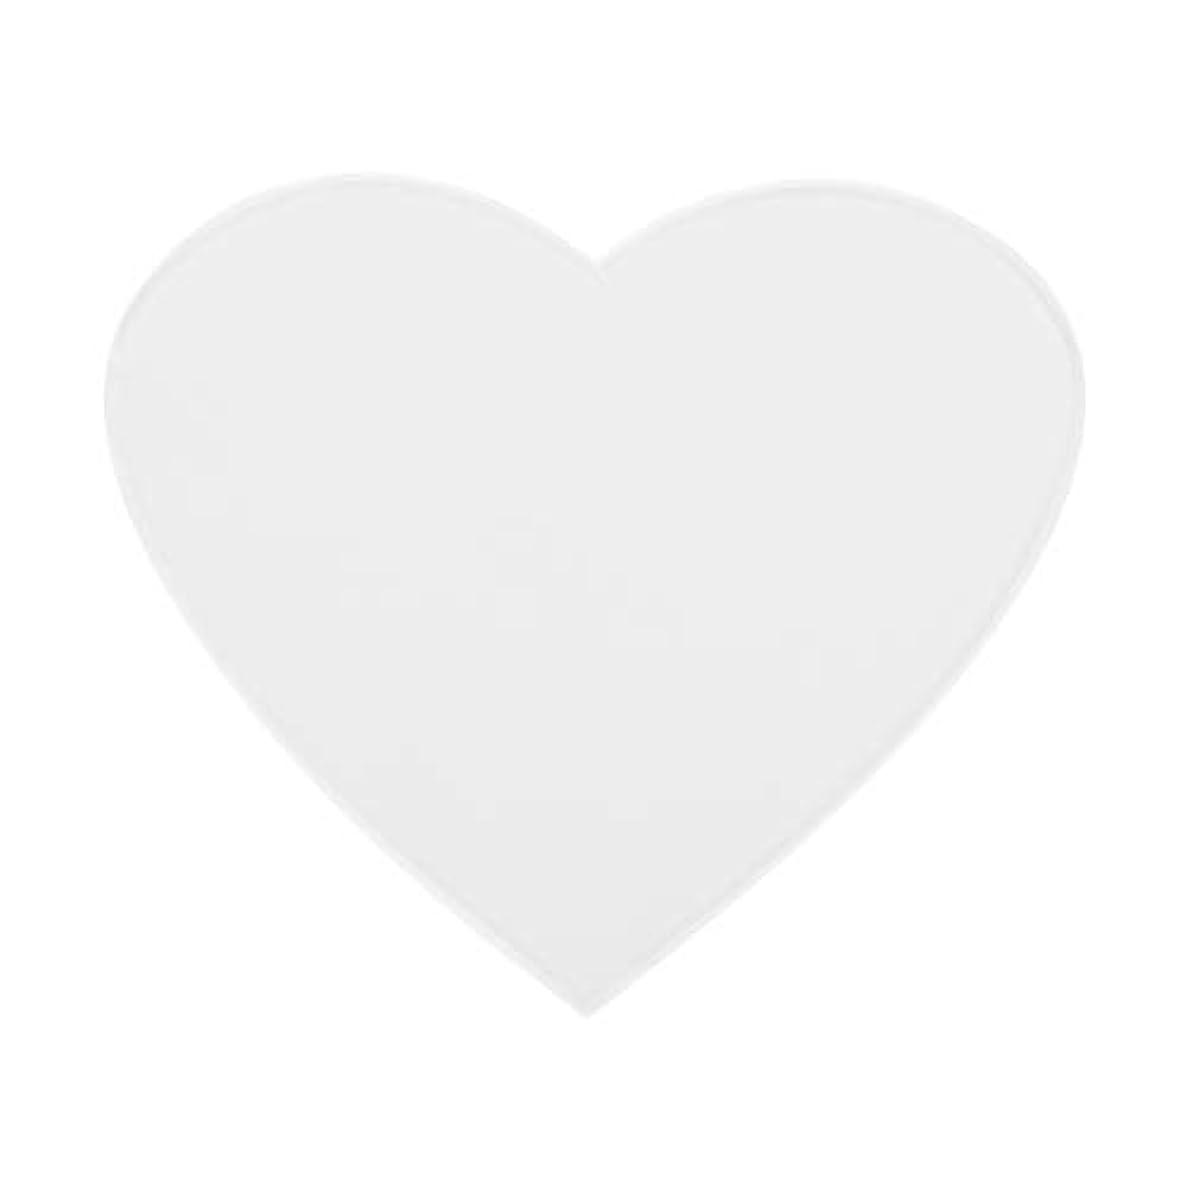 スカーフペン閉じ込めるアンチリンクルシリコンチェストパッドケア再利用可能パッド(心臓)